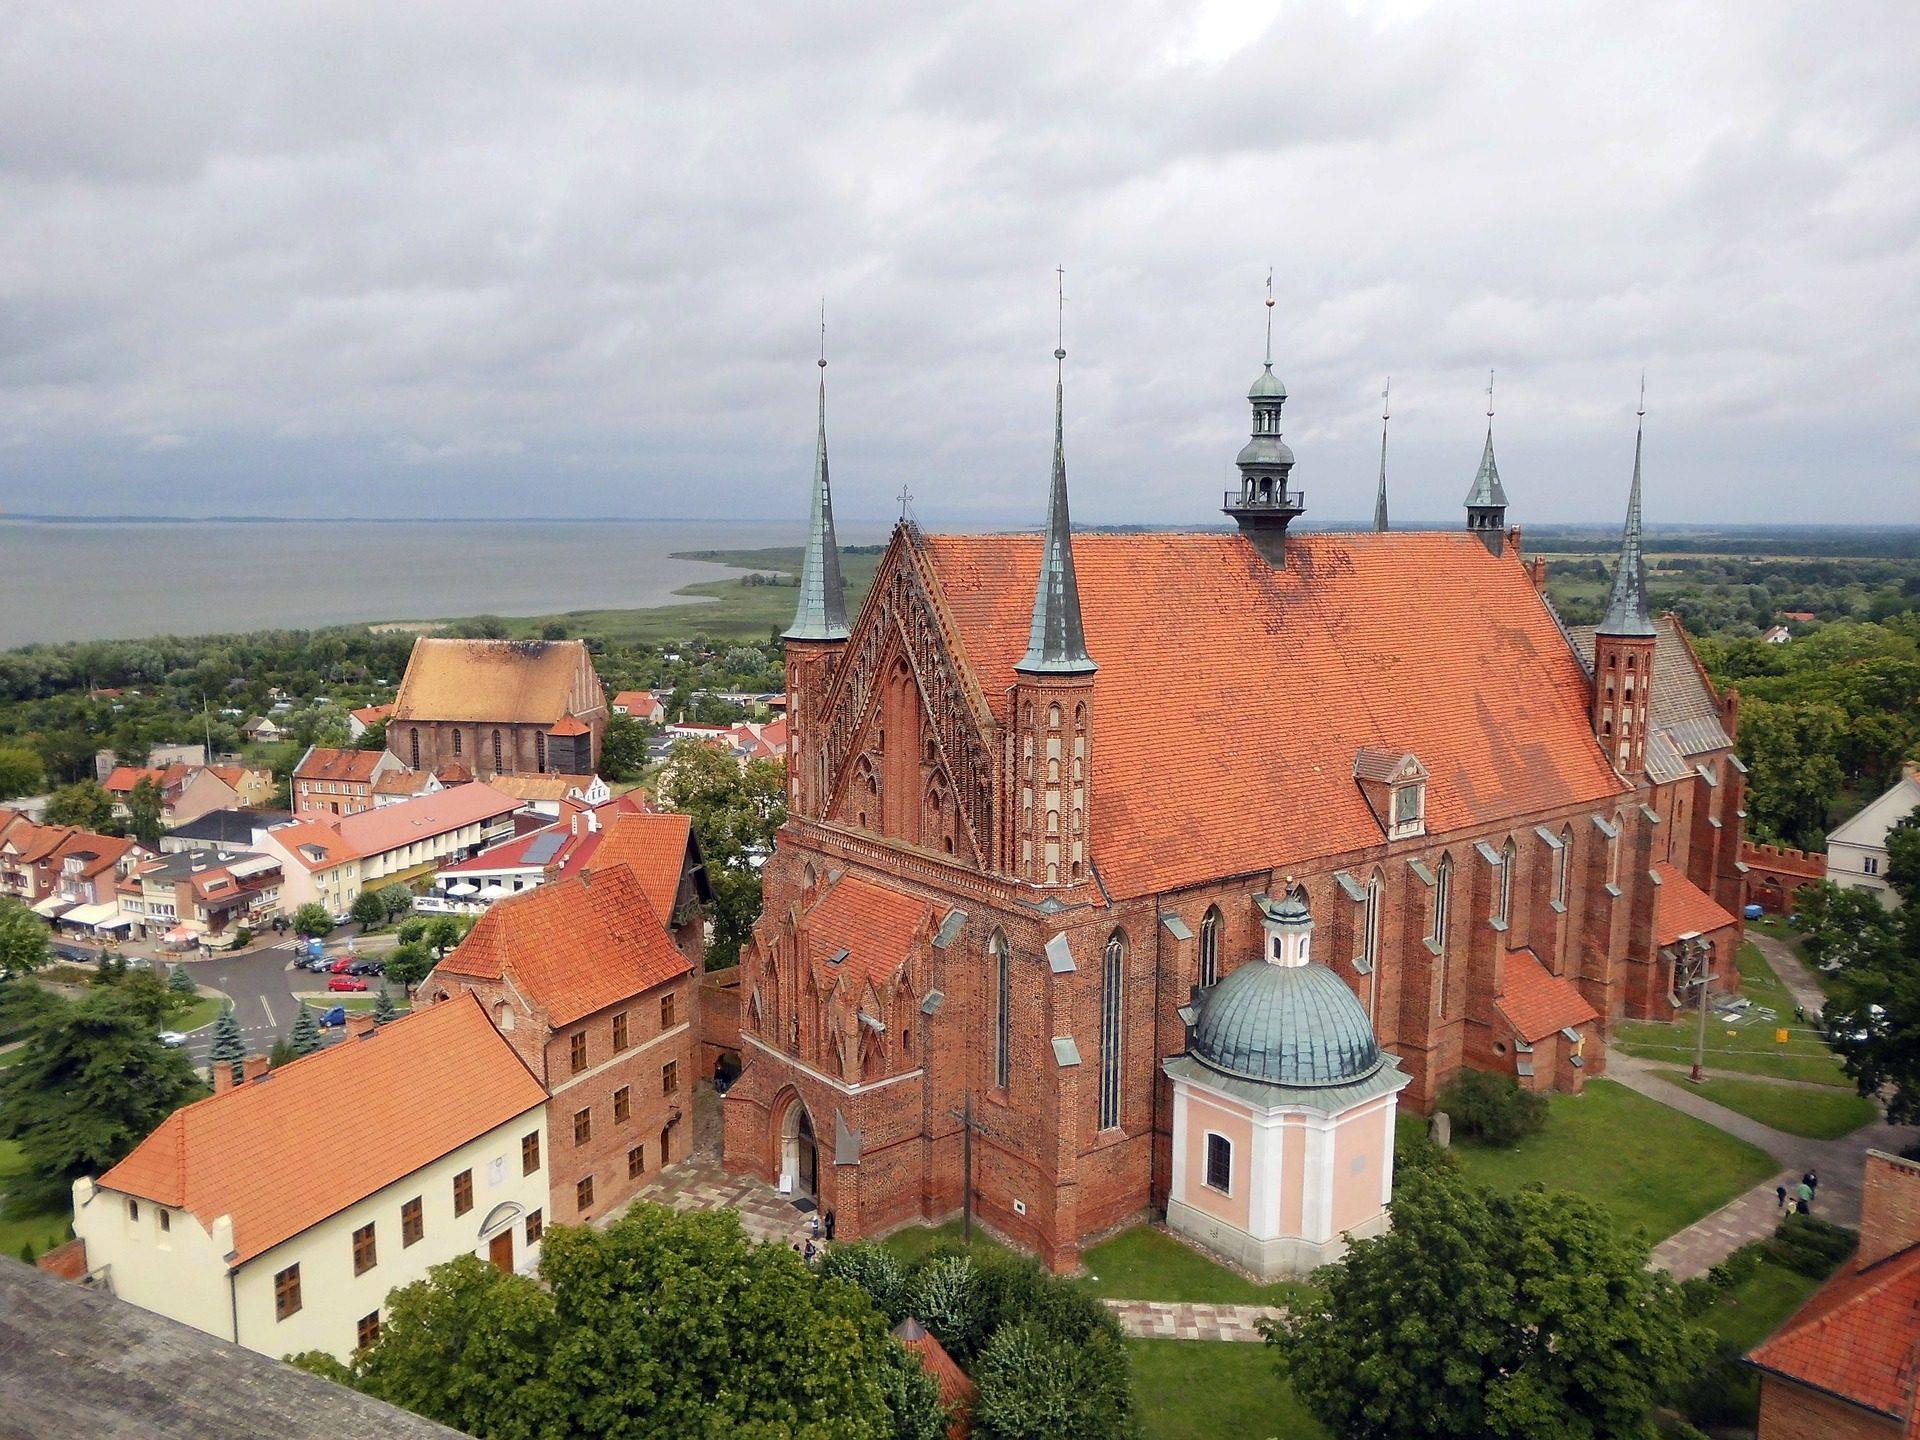 Εκκλησία, Καθεδρικός Ναός, χωριό, σύννεφα, Πιστοποιητικό διάκρισης - Wallpapers HD - Professor-falken.com